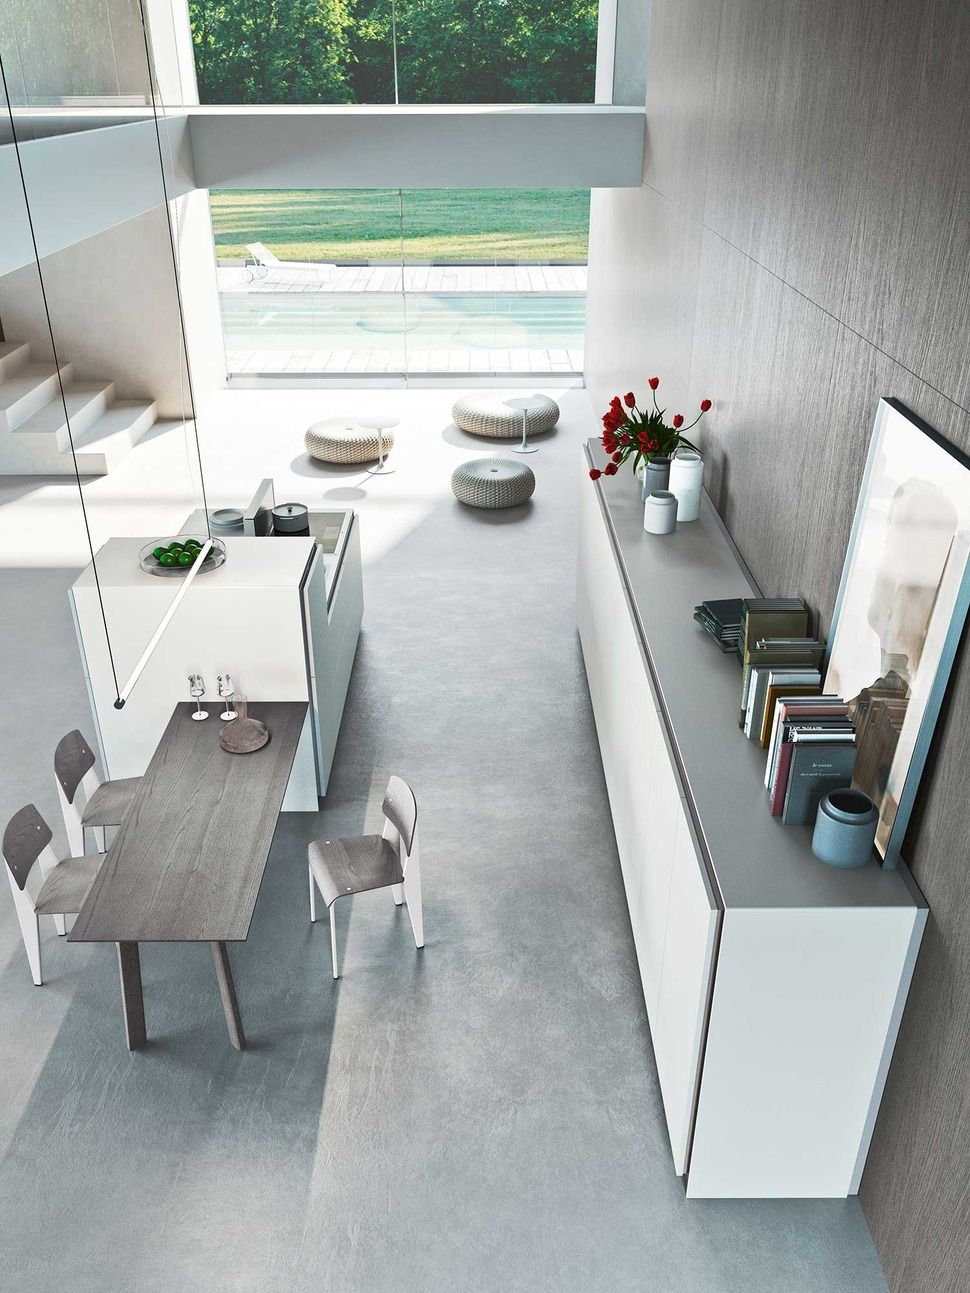 European Kitchen: 24 Modern Designs We Love | Kitchen design ...